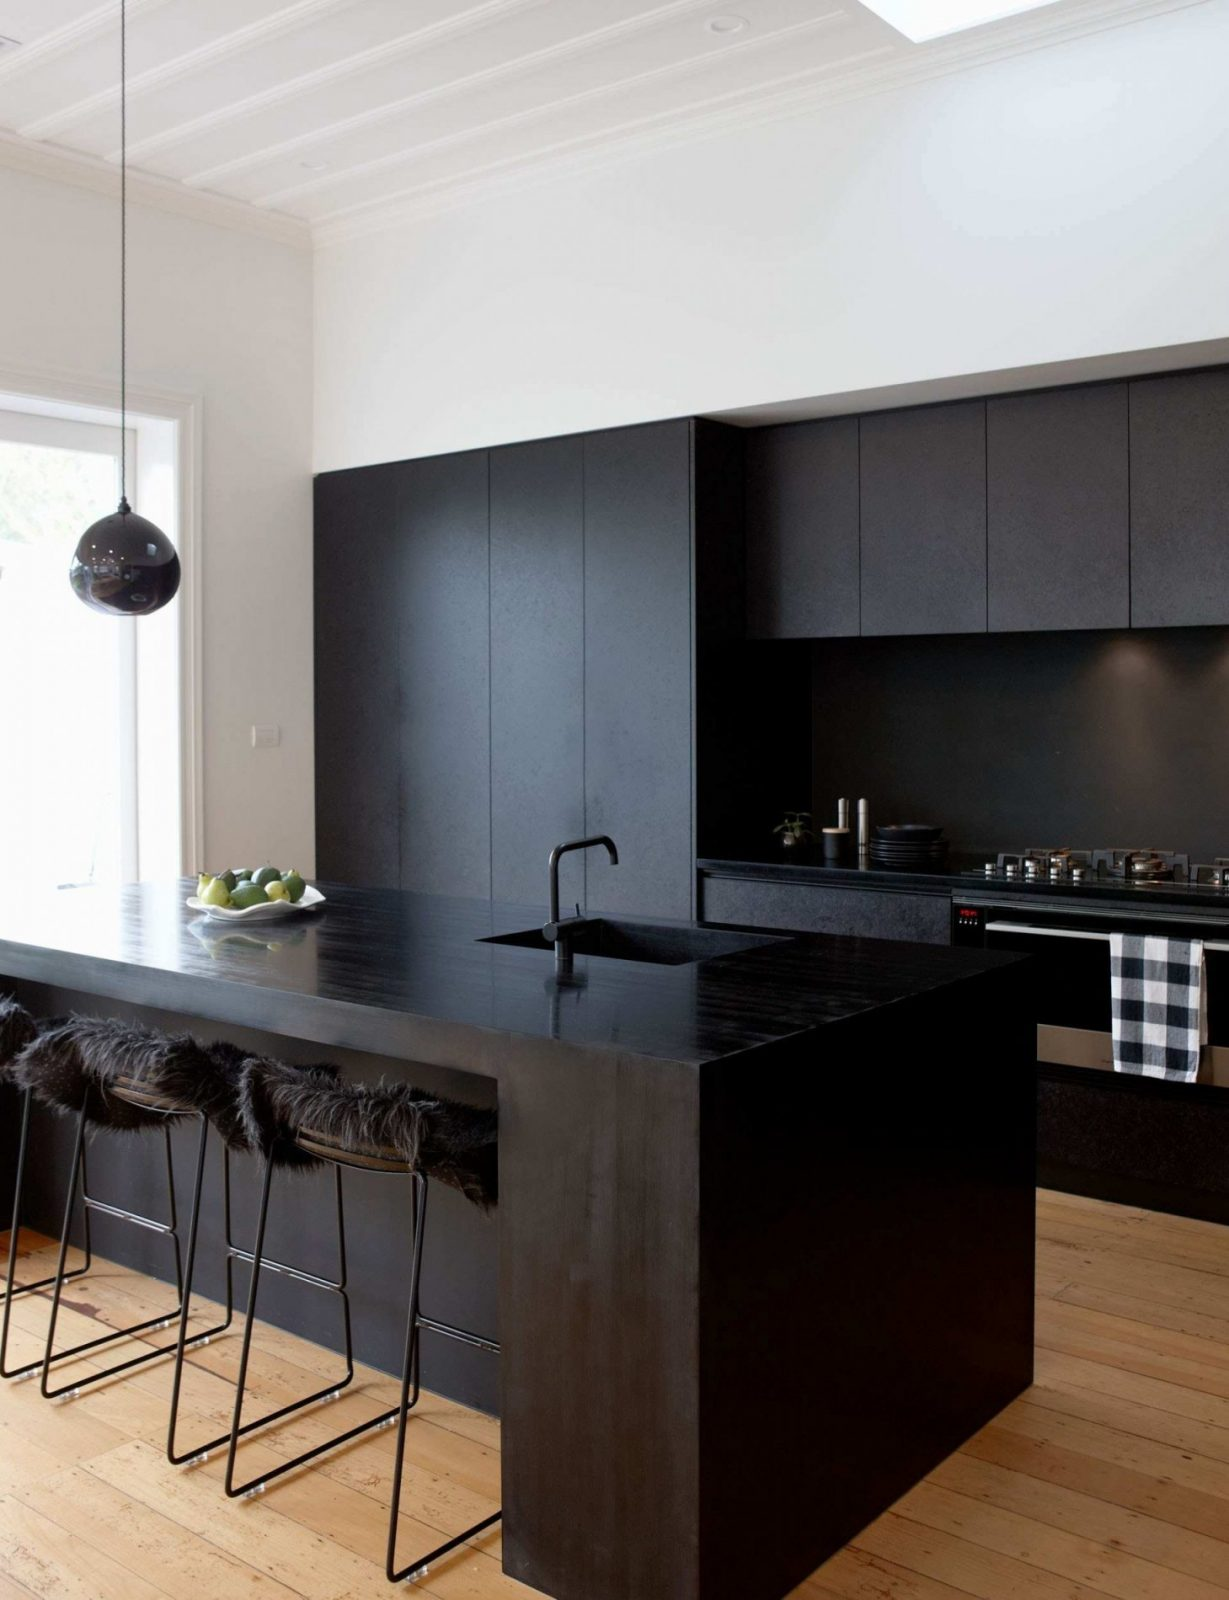 Küche Neu Lackieren — Temobardz Home Blog von Küche Neu Gestalten Renovieren Bild